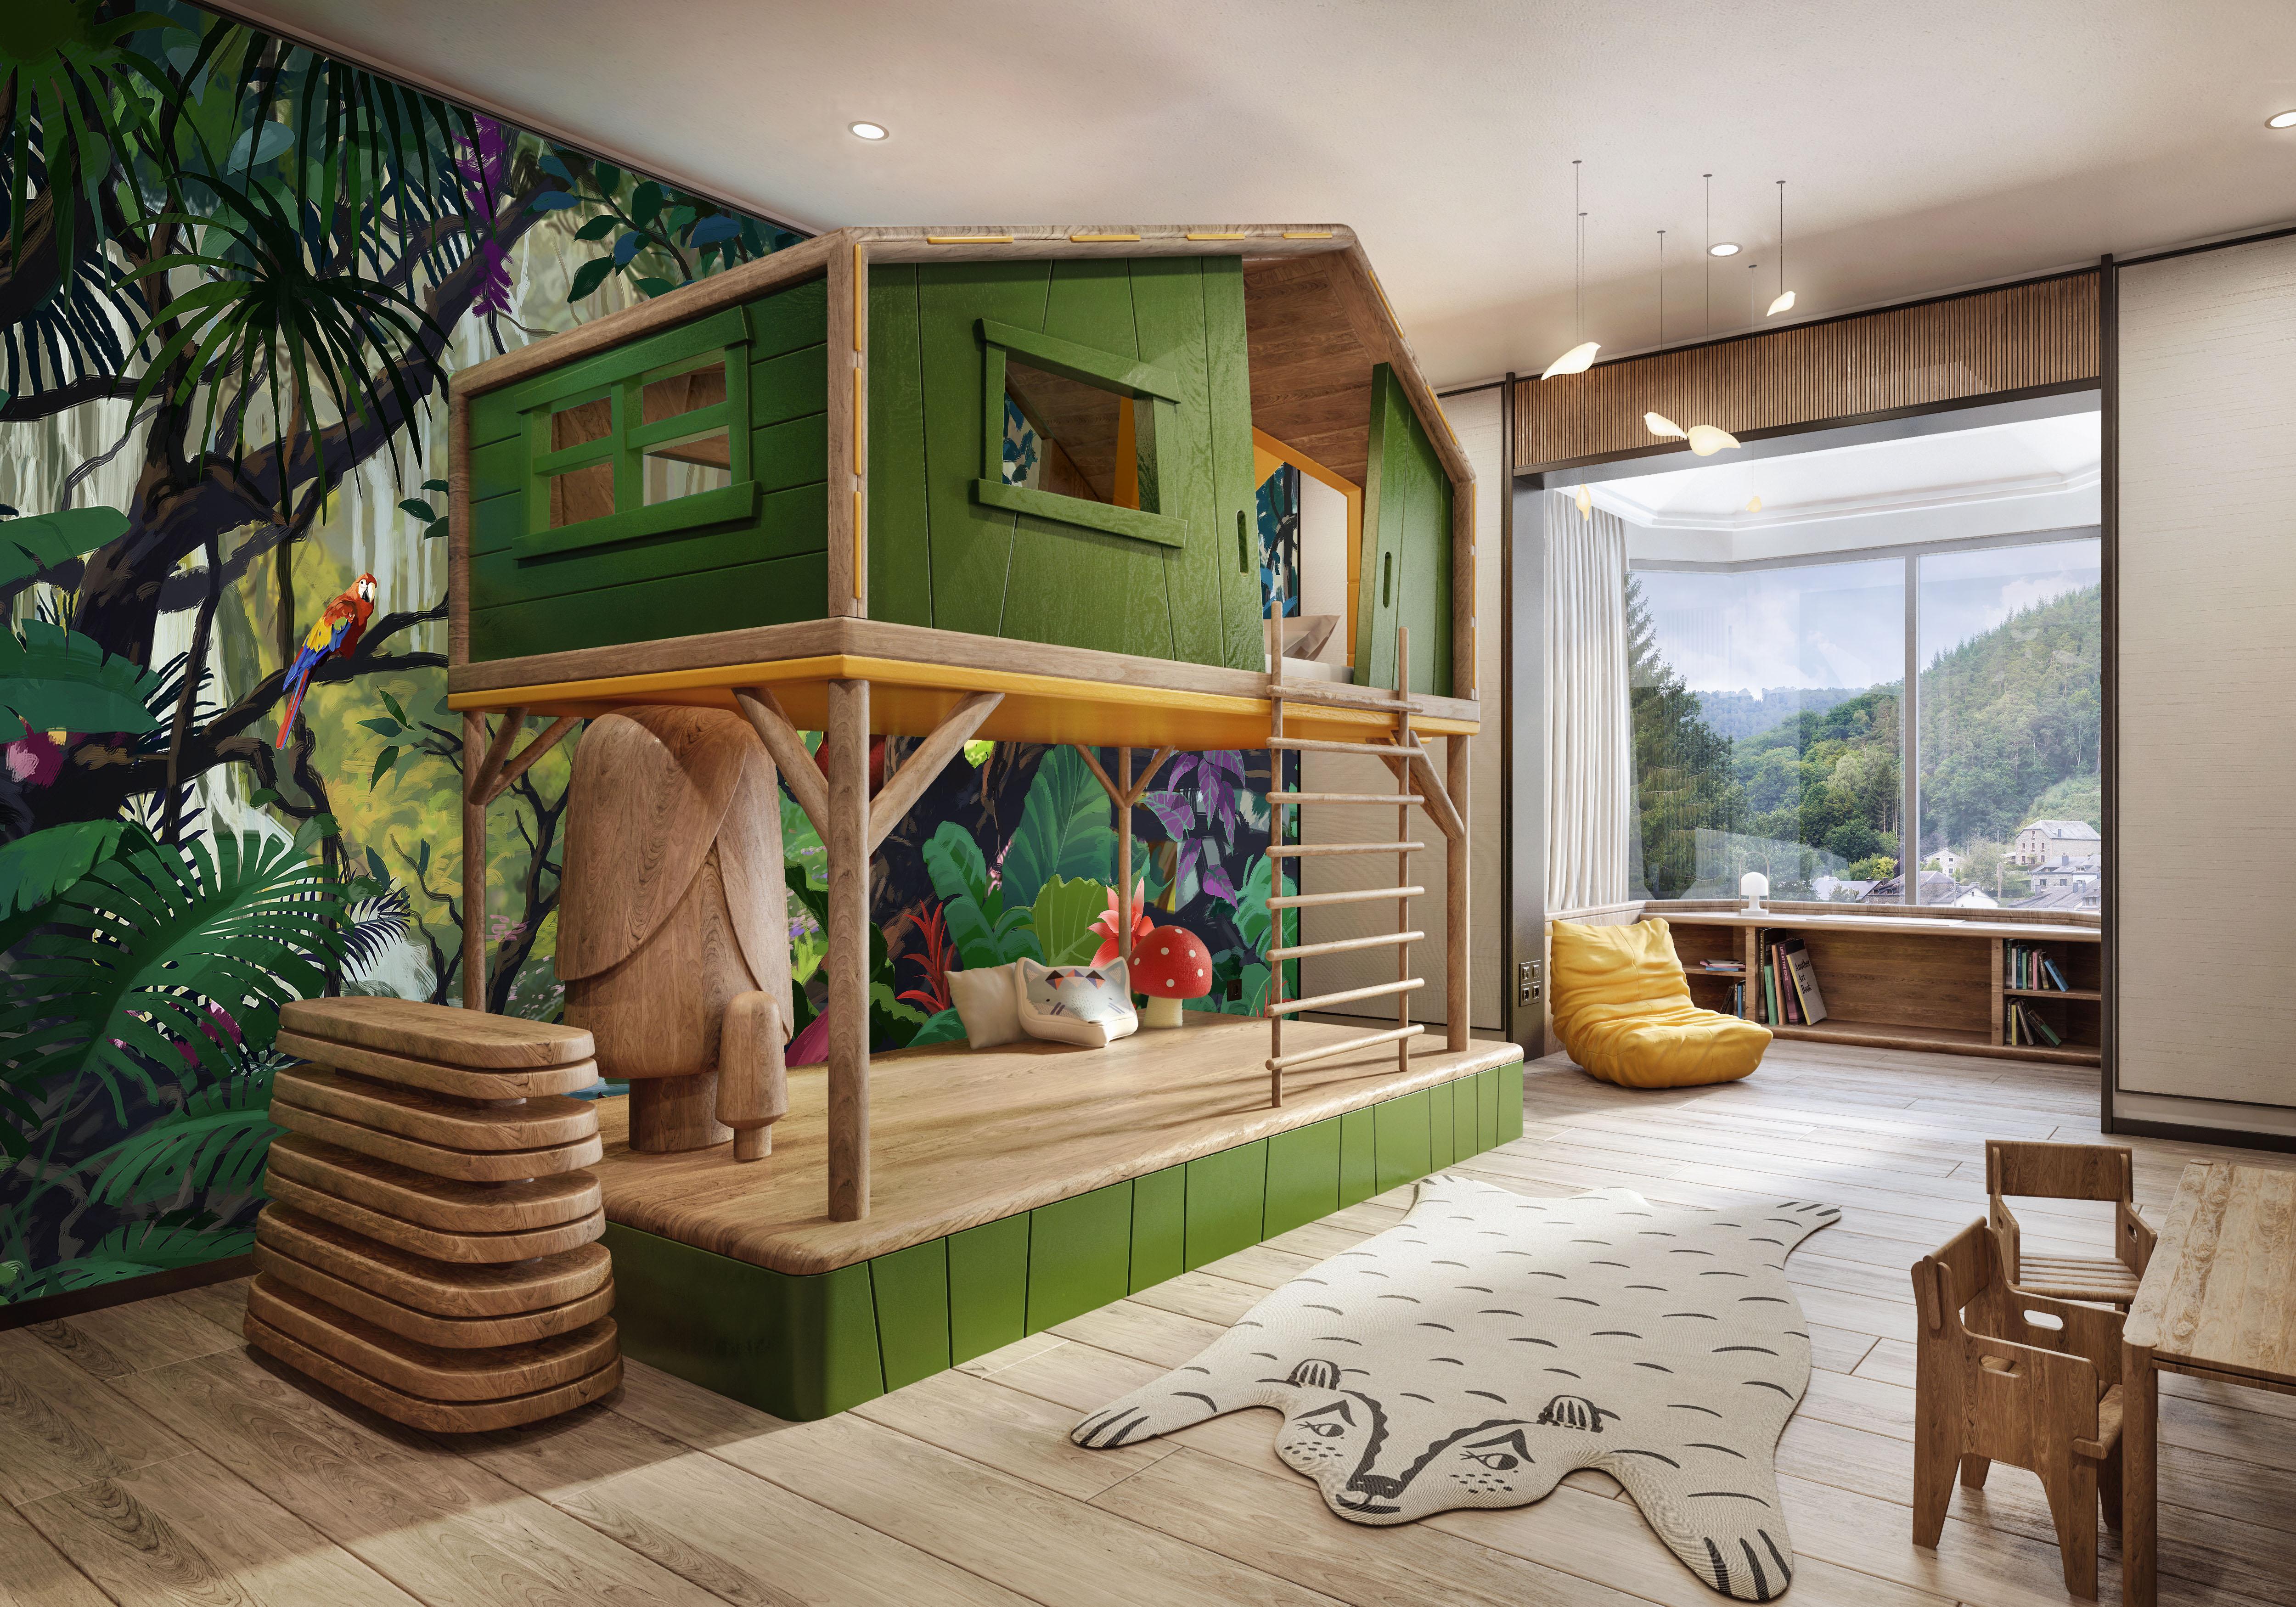 SHANGRI-LA KIDS ROOM